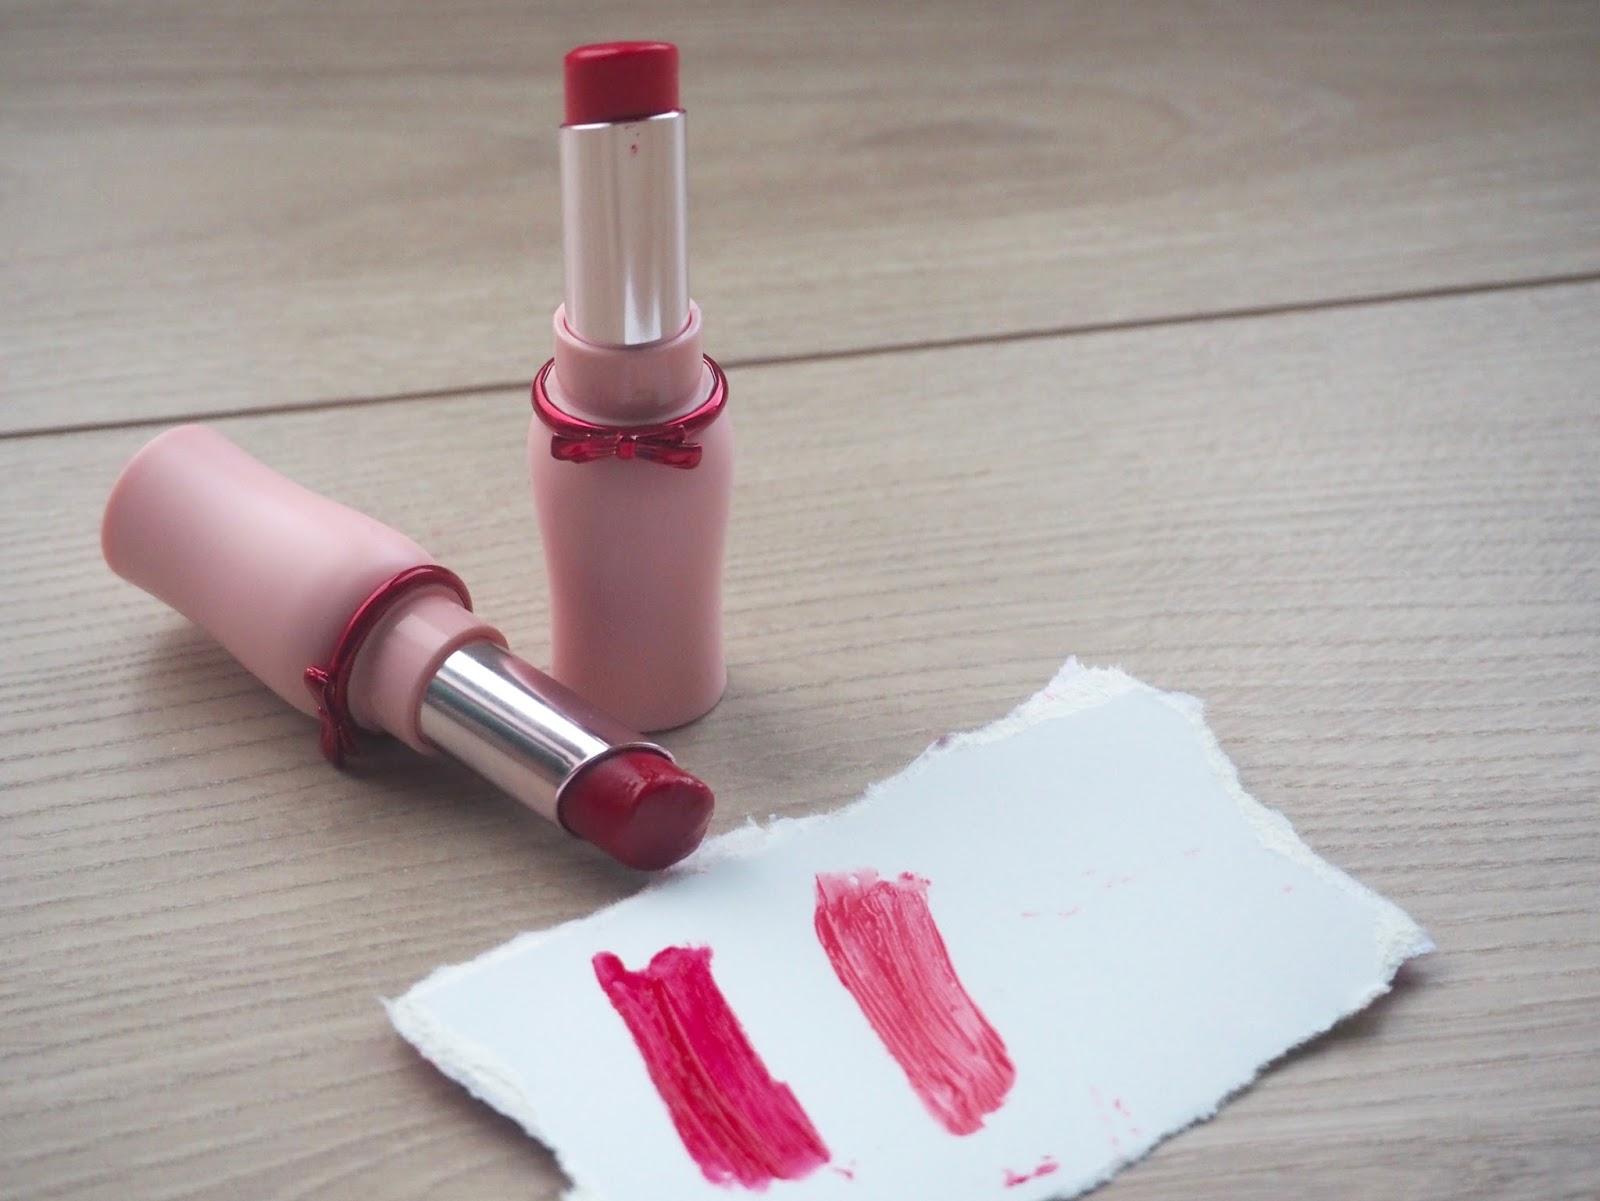 Etude House Dear My Enamel Lips-Talk Review